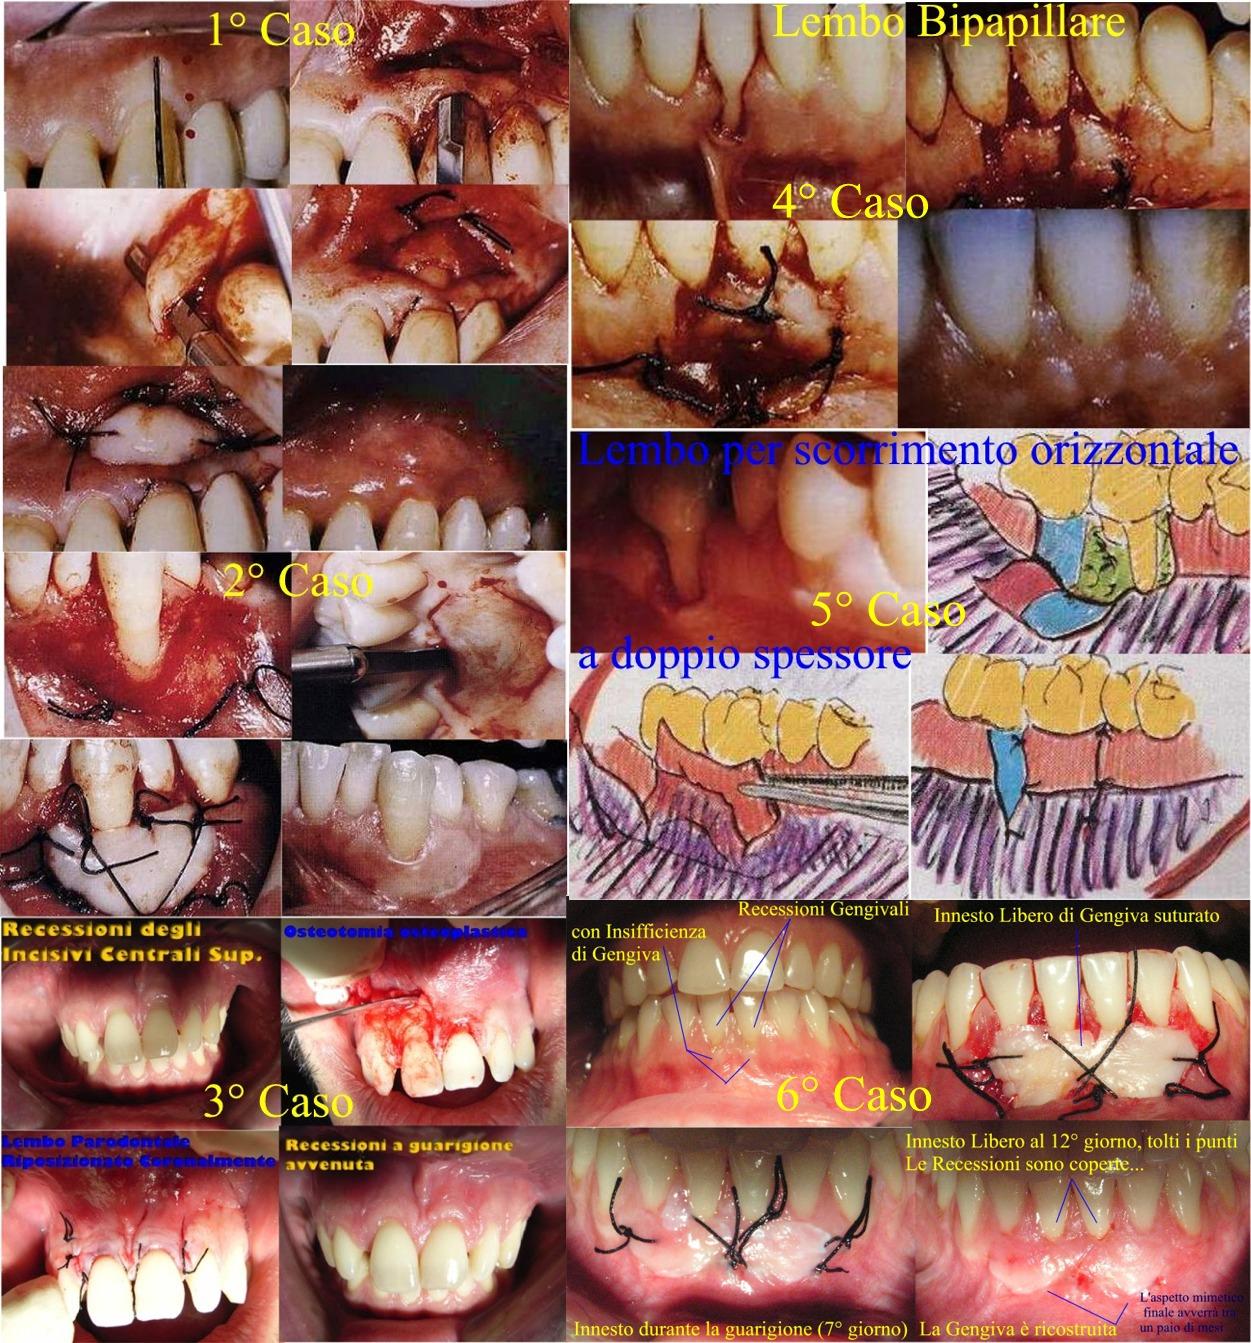 Recessioni Gengivali ed alcuni interventi parodontali per la loro terapia. Da casistica Parodontale del DR. Gustavo Petti di CAgliari